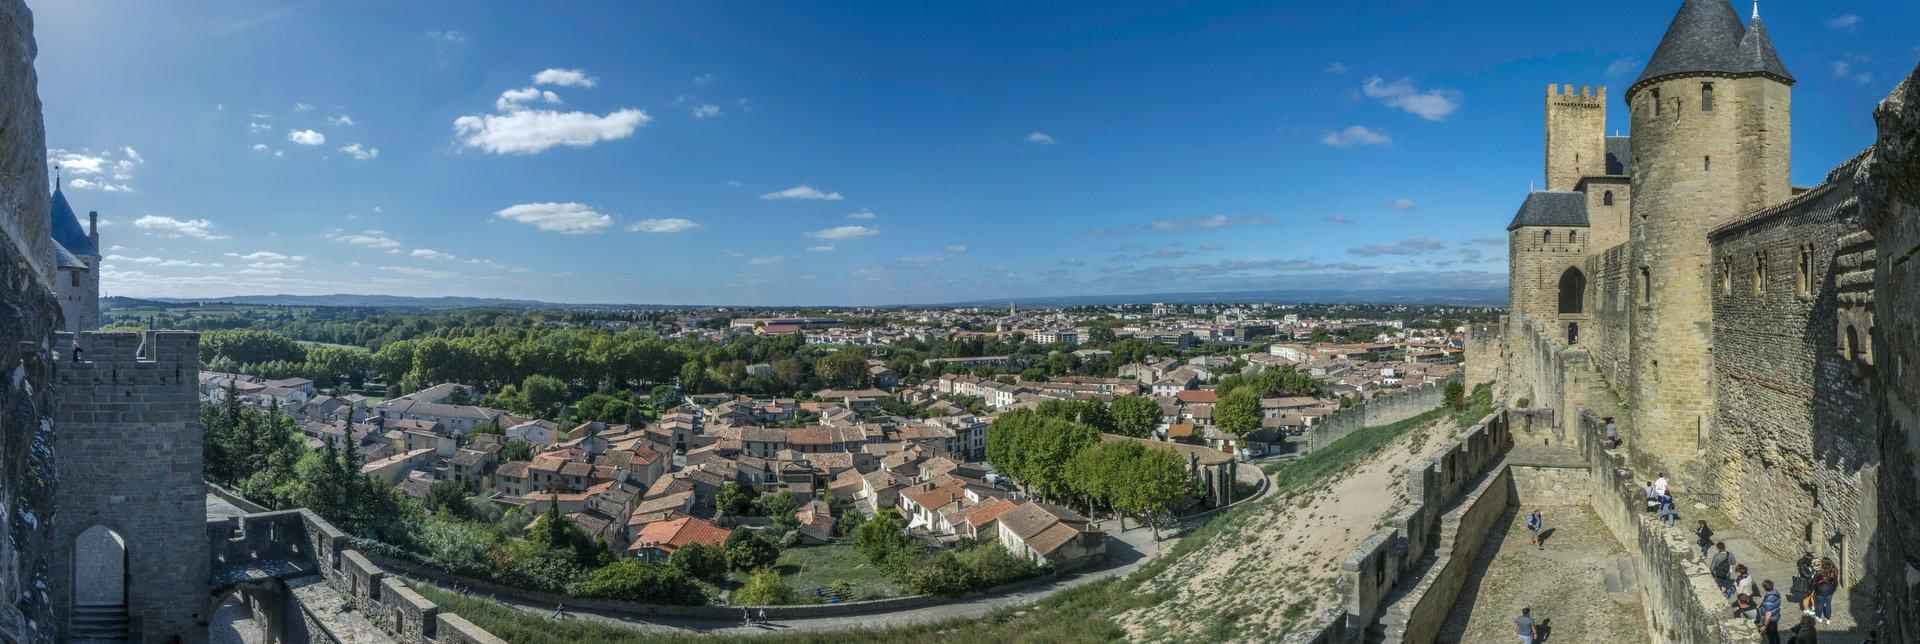 Panorama vom Porte d'Aude und vom Château Comtal in der Cité Carcassonne